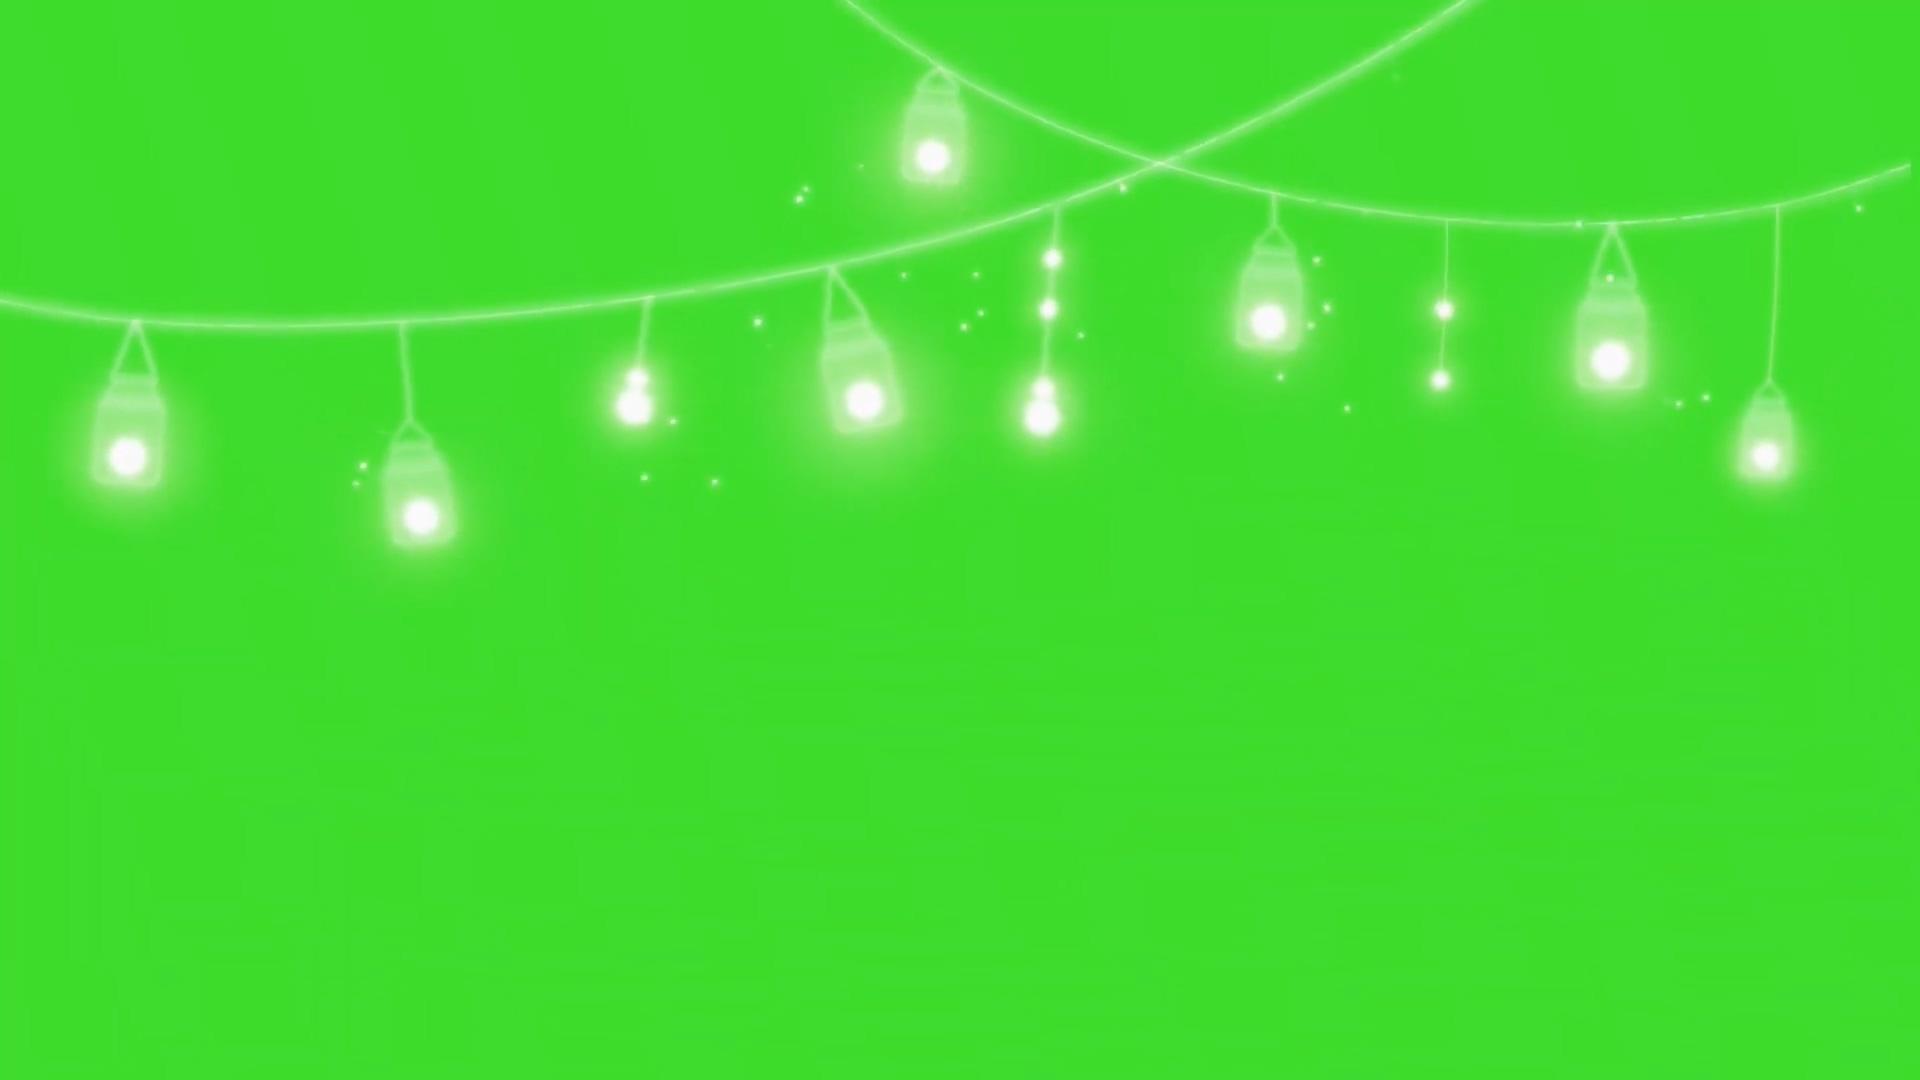 摇晃的精灵灯绿幕视频